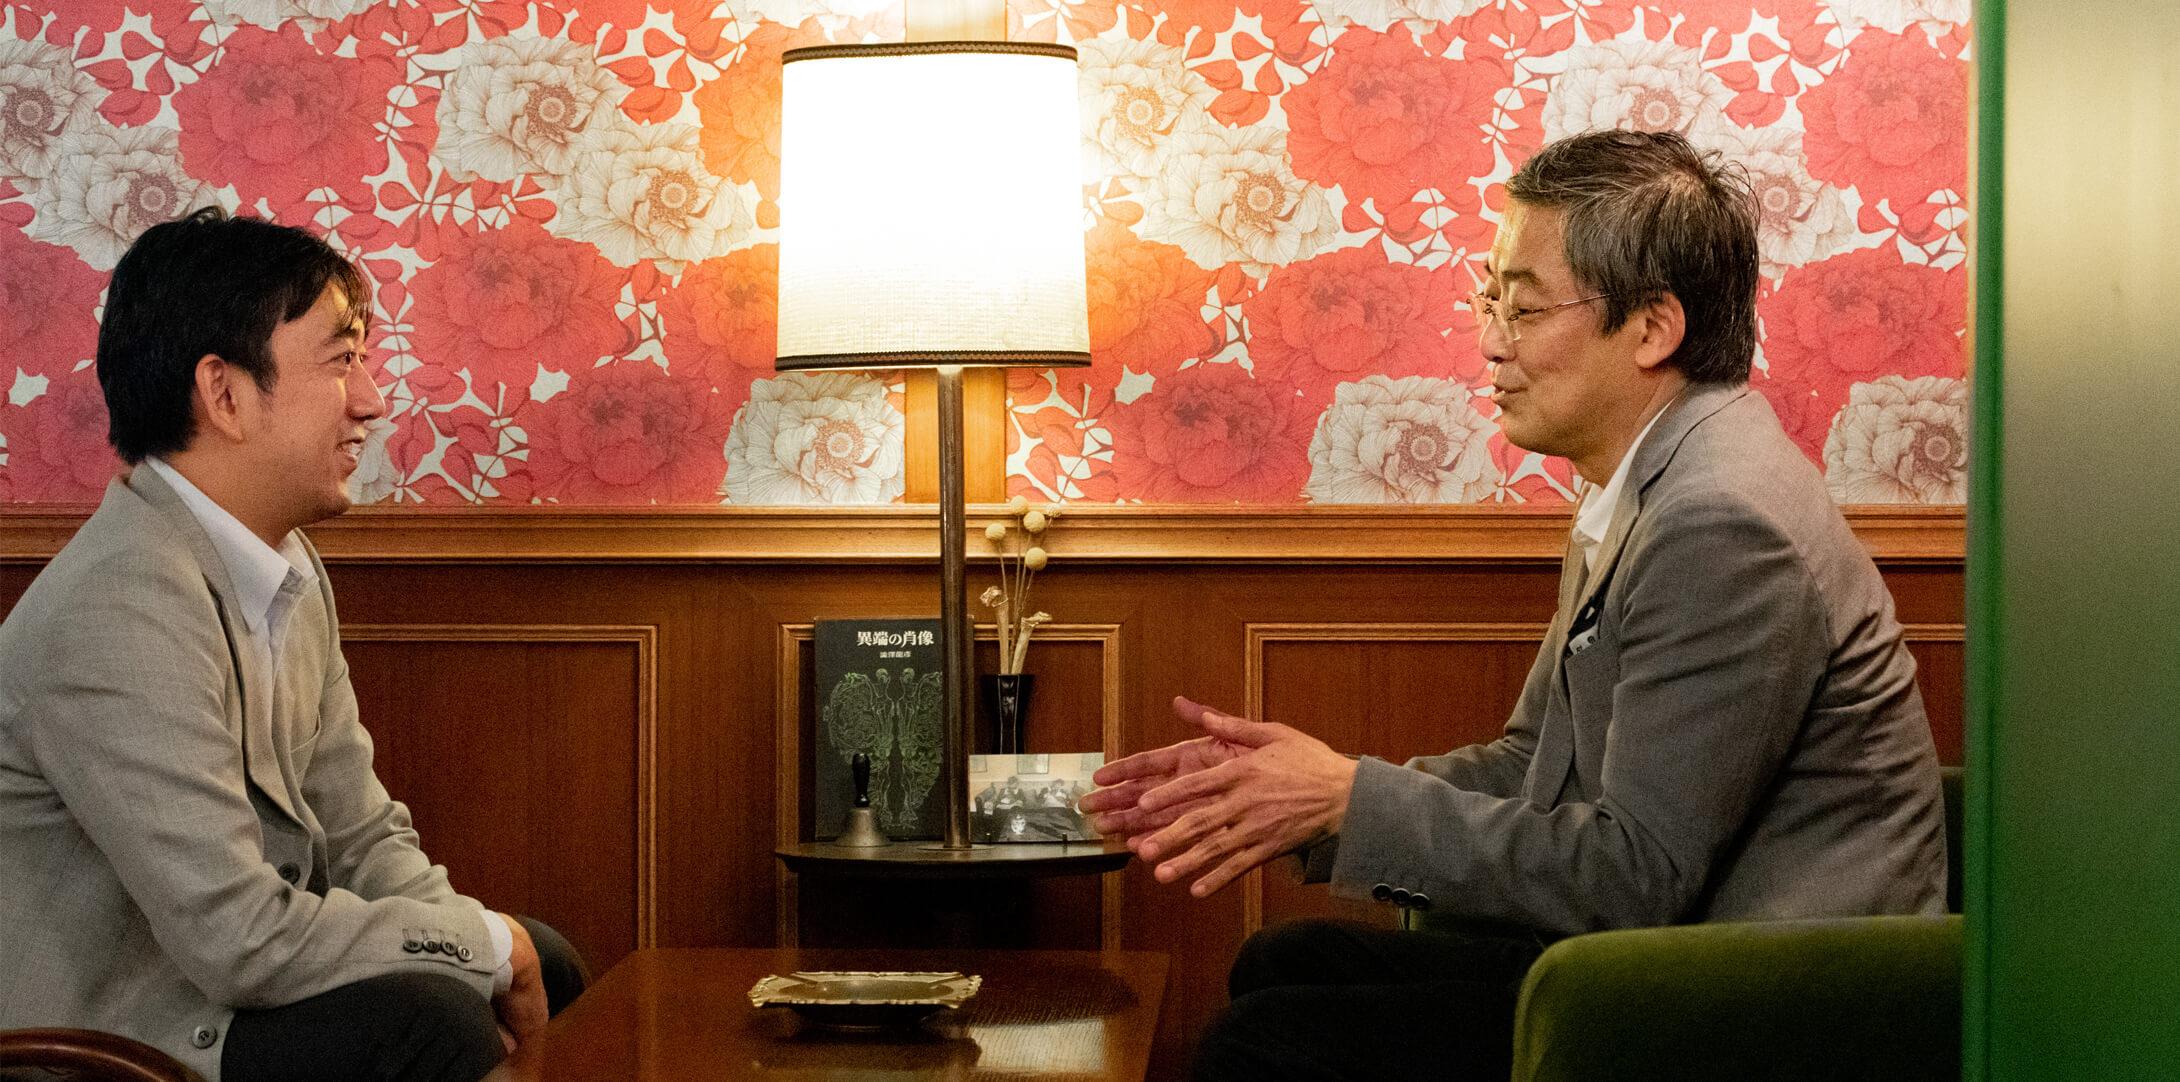 【対談】山崎元さんと考える、「善良なFPは、あなたの資産を正しく導く。」後編